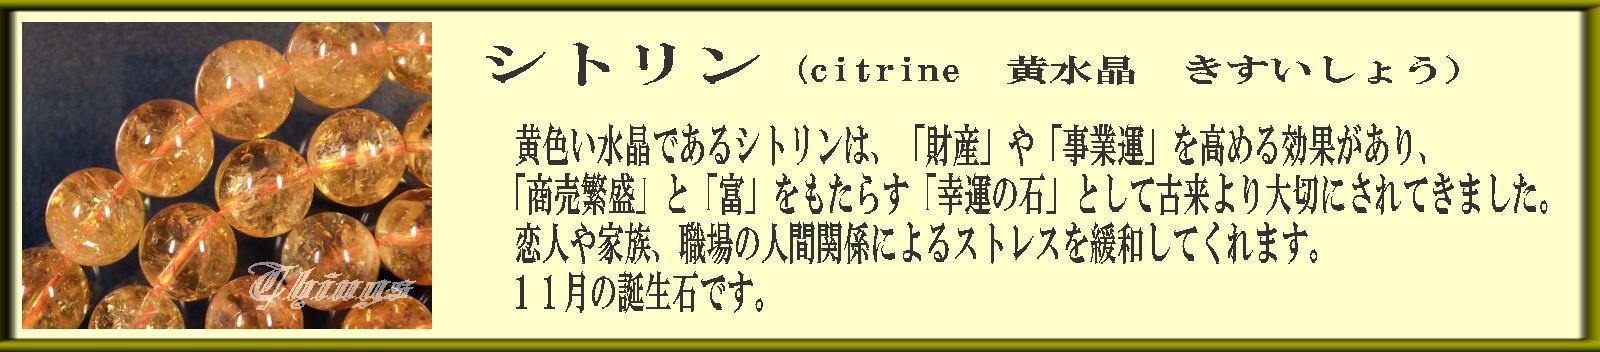 ◆シトリン citrine 黄水晶 きすいしょう◆